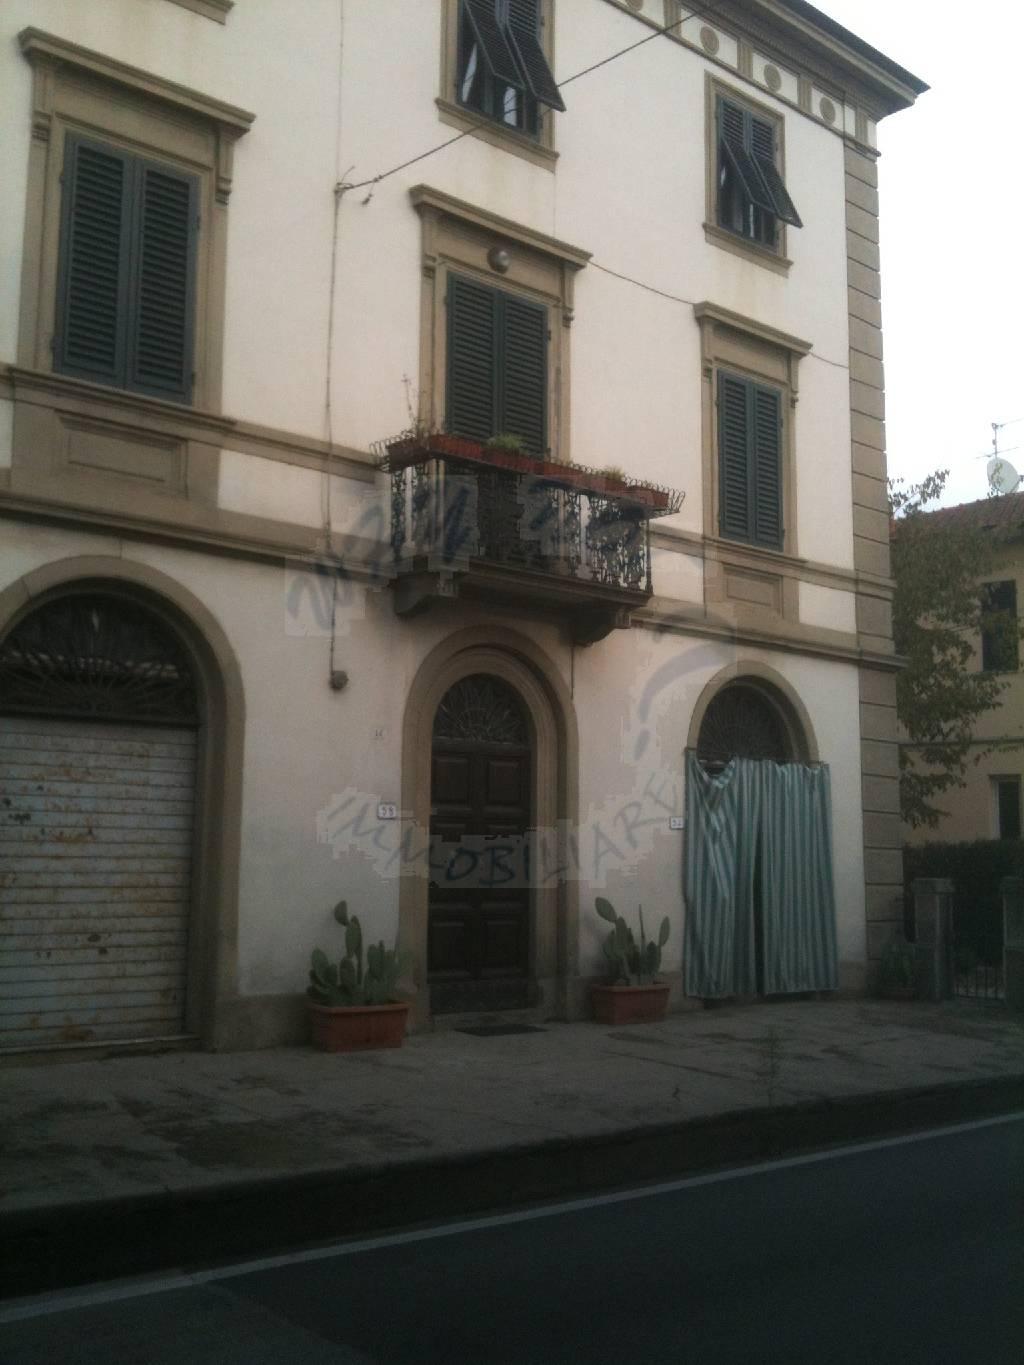 Palazzo / Stabile in vendita a Lucca, 12 locali, zona Località: MONTE SAN QUIRICO, prezzo € 650.000 | Cambio Casa.it